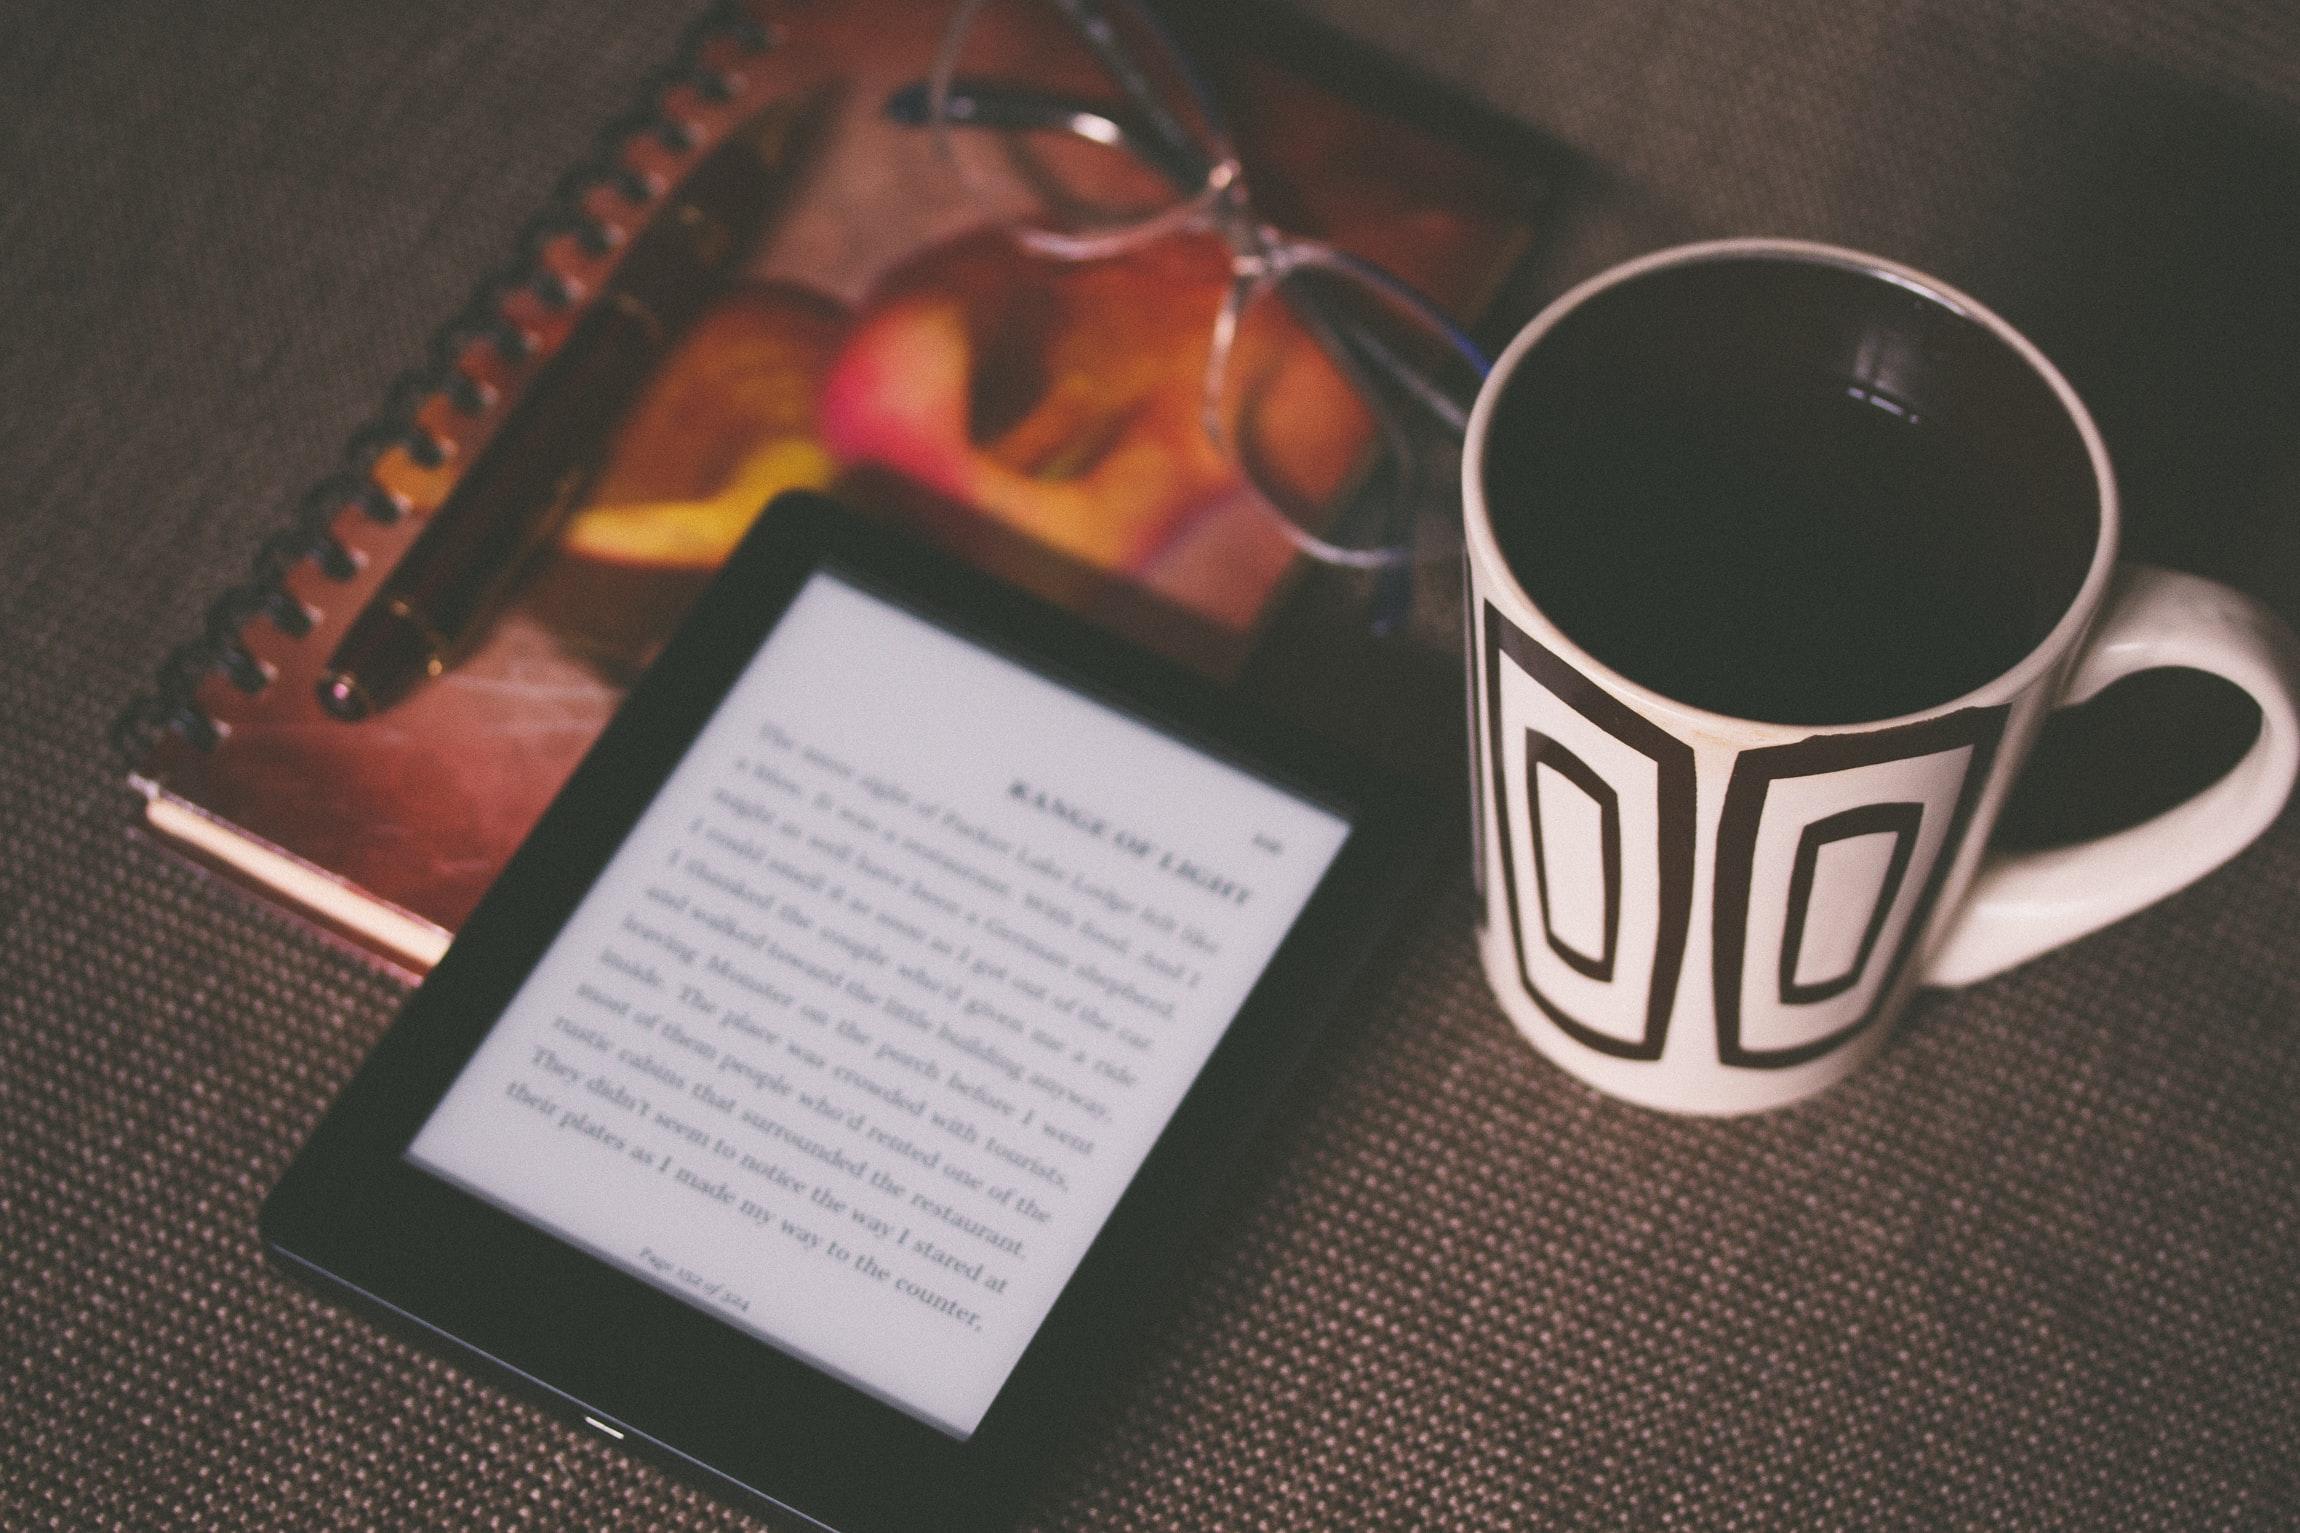 Kindle, mon amour par Imparfaites